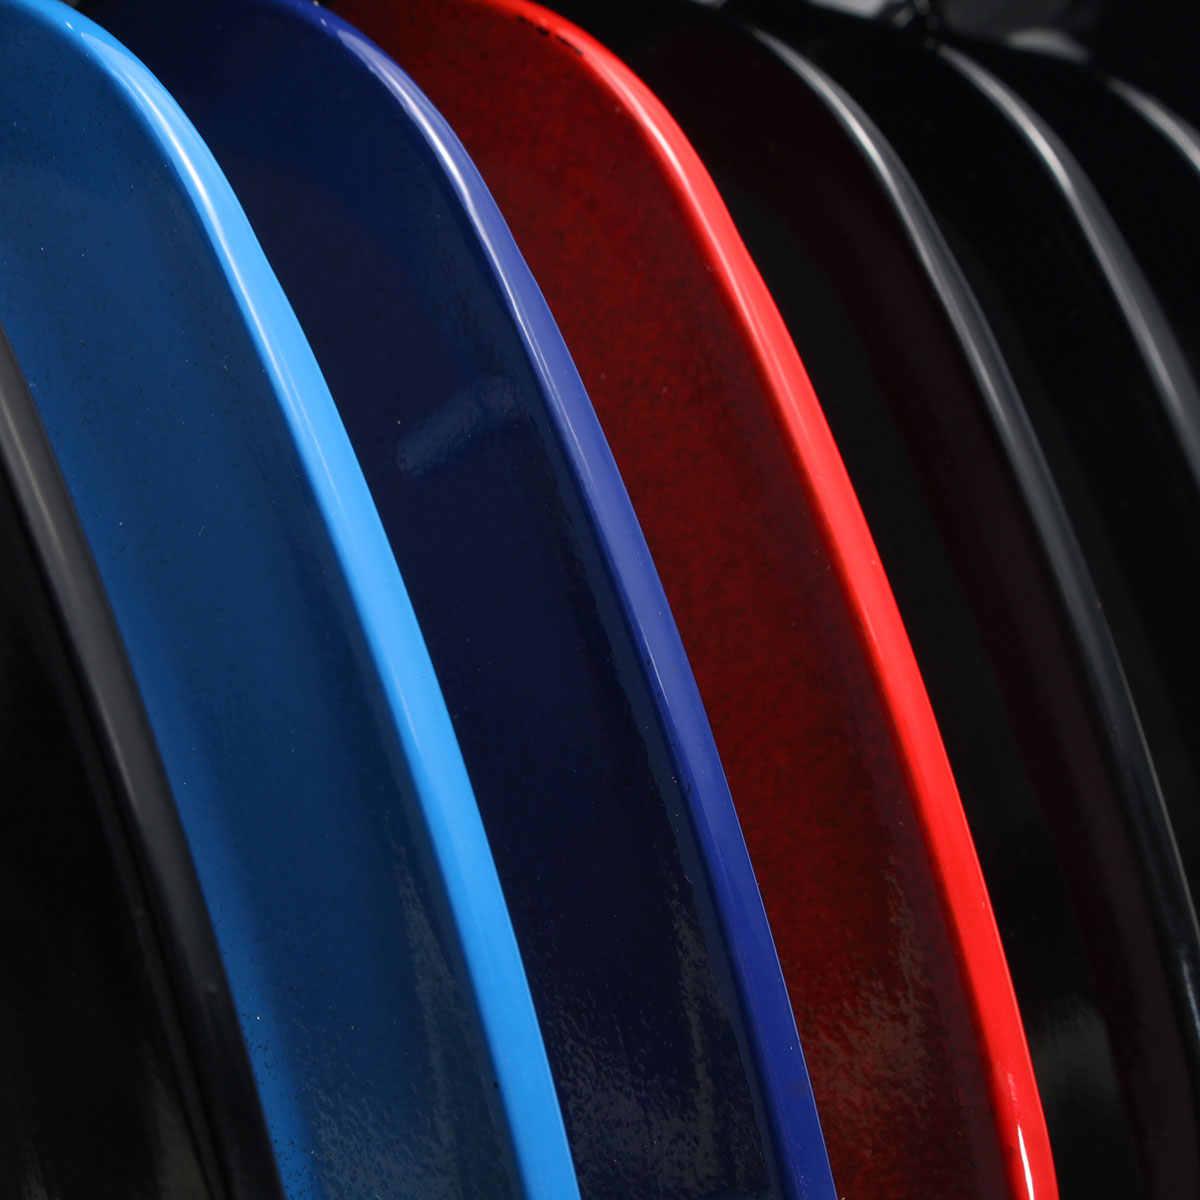 Gorąca para M kolor ABS plastikowe przednie sportowe nerek zderzak kaptur kratki maskownica do BMW E38 740i 740iL 750iL 4Dr 1999 2000 2001